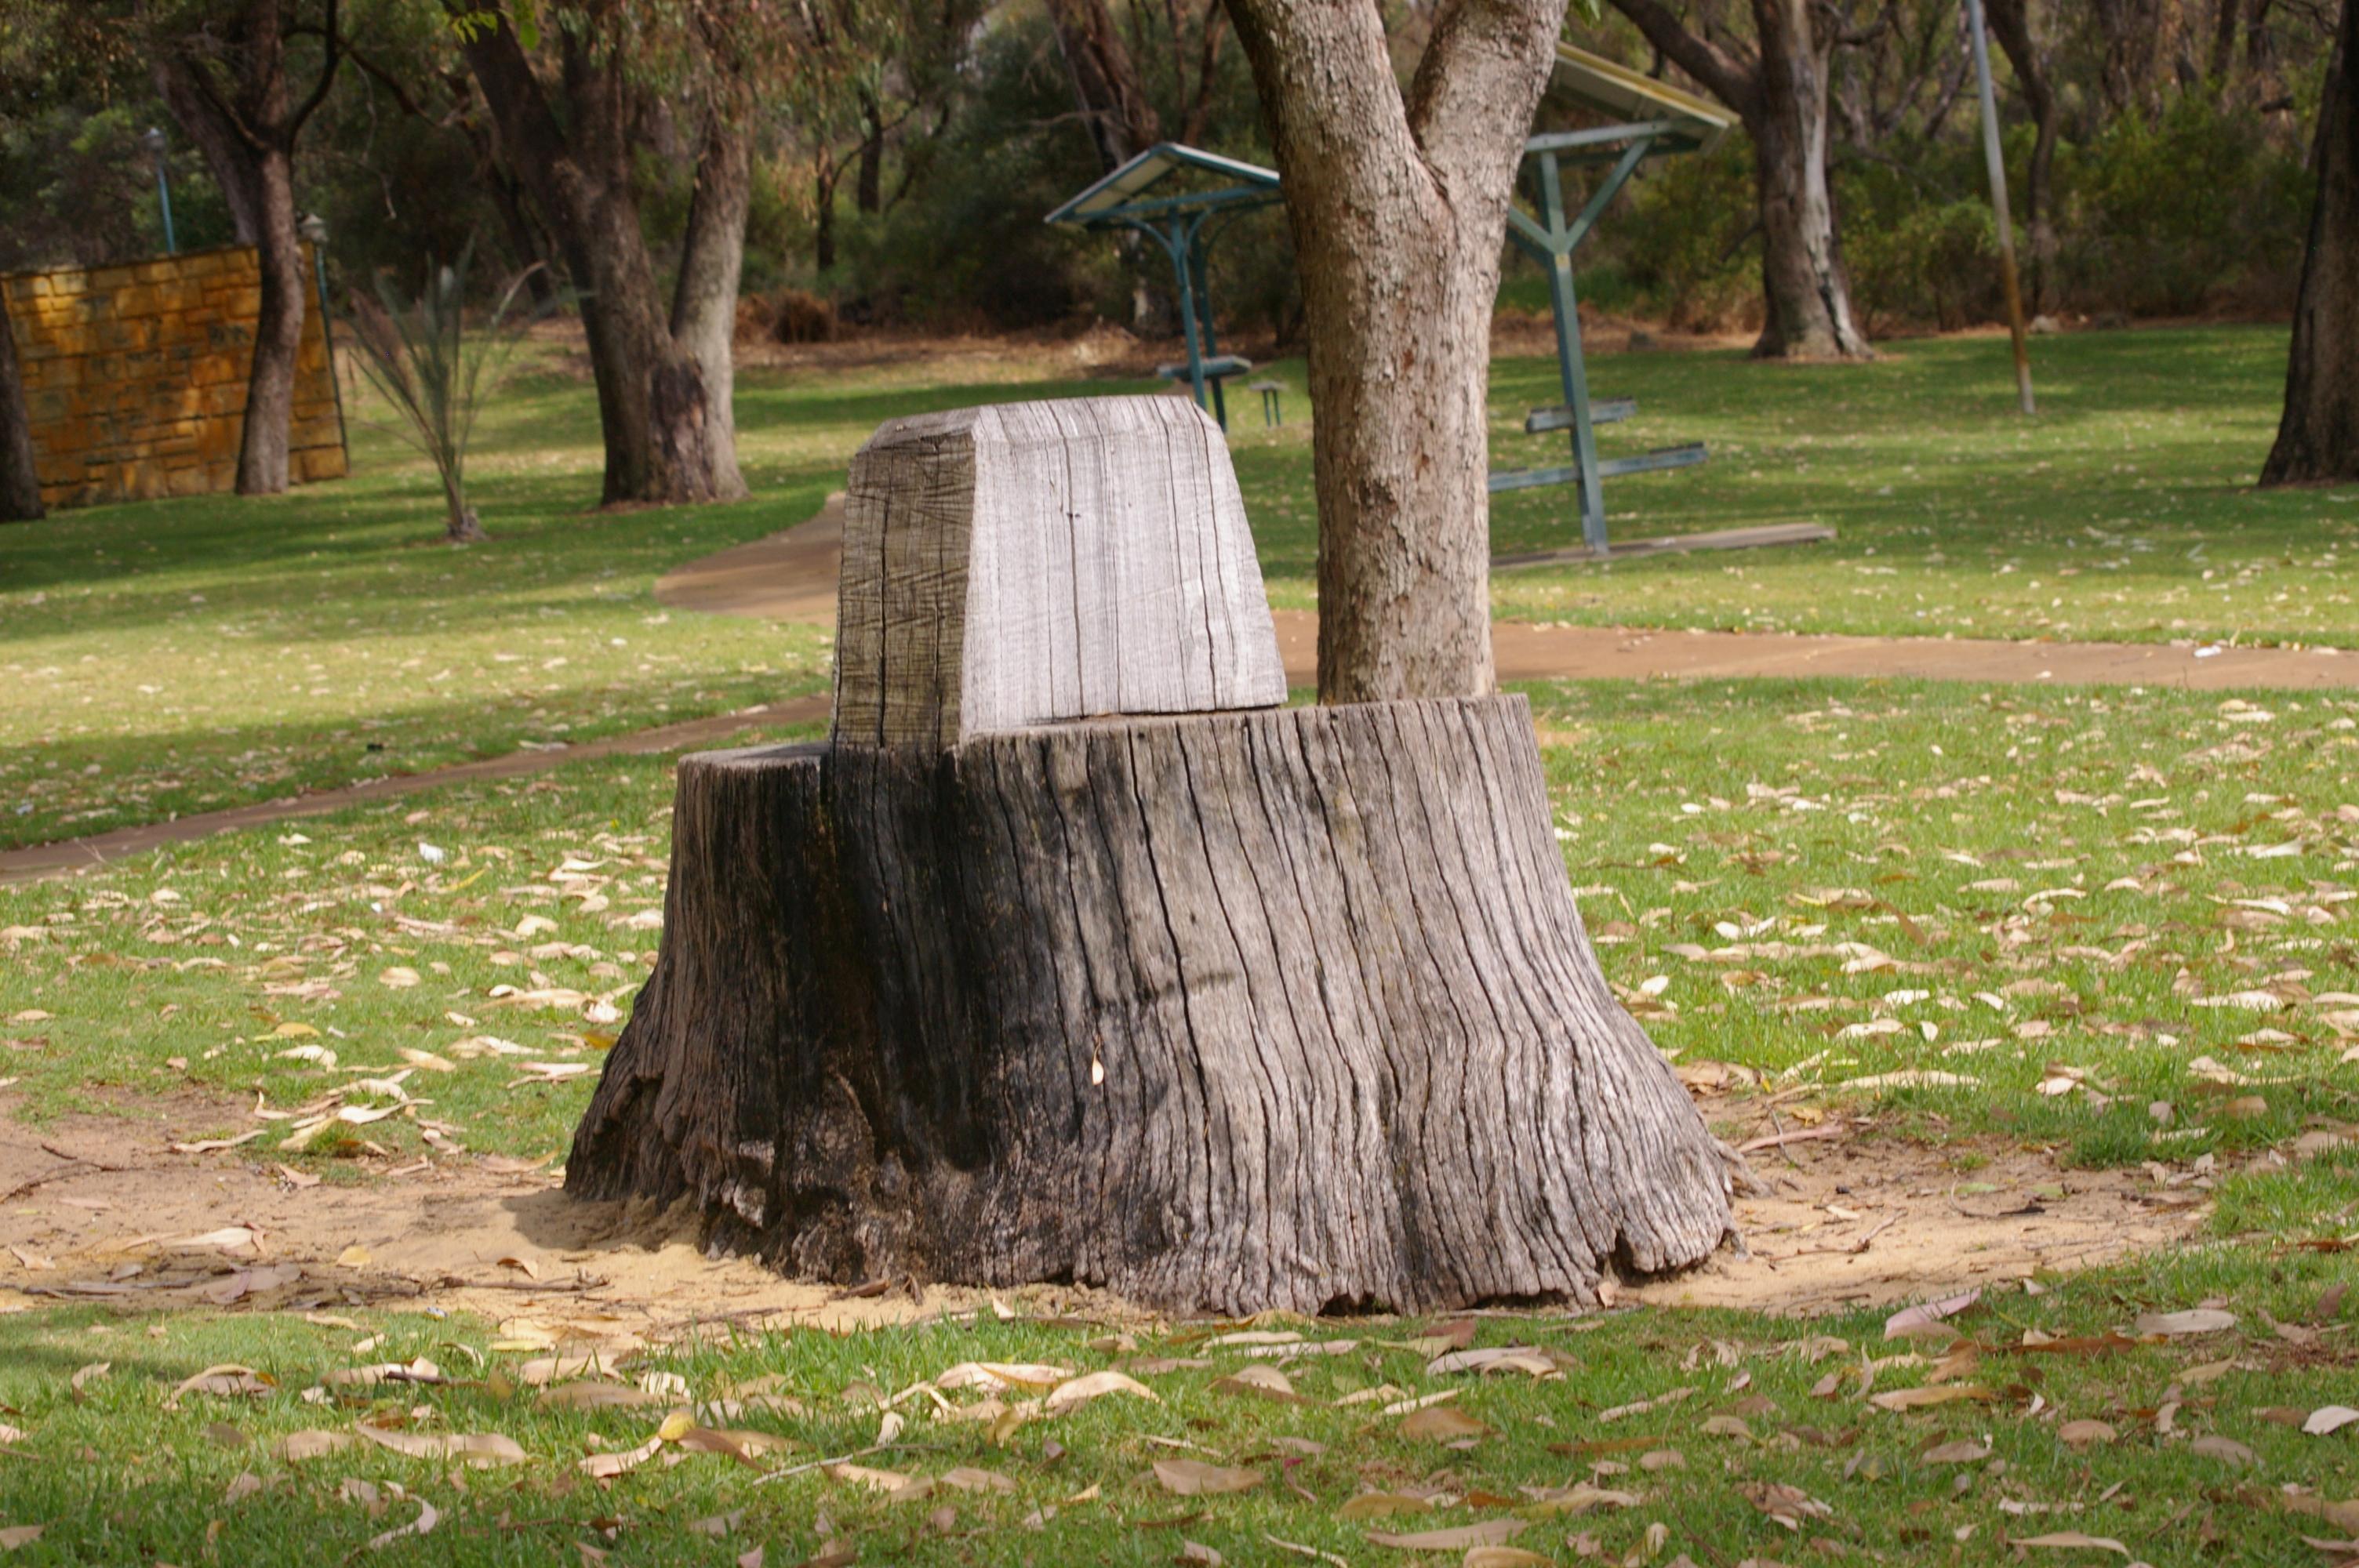 Tree Stump Seats Filewtj Parker D Neil Hawkins Park Tree Stump Seat 2jpg